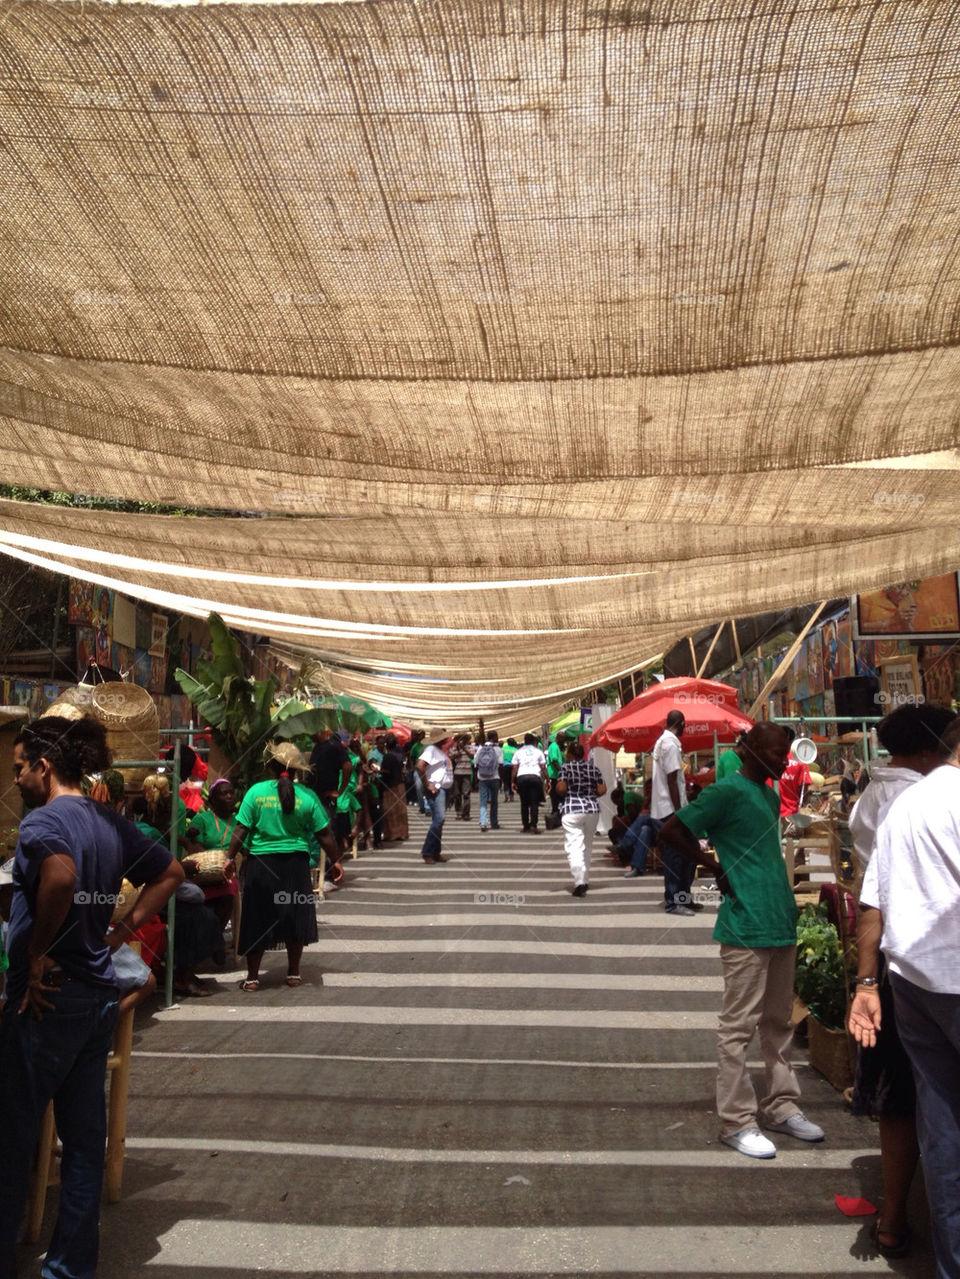 food fresh market local by bquixotic